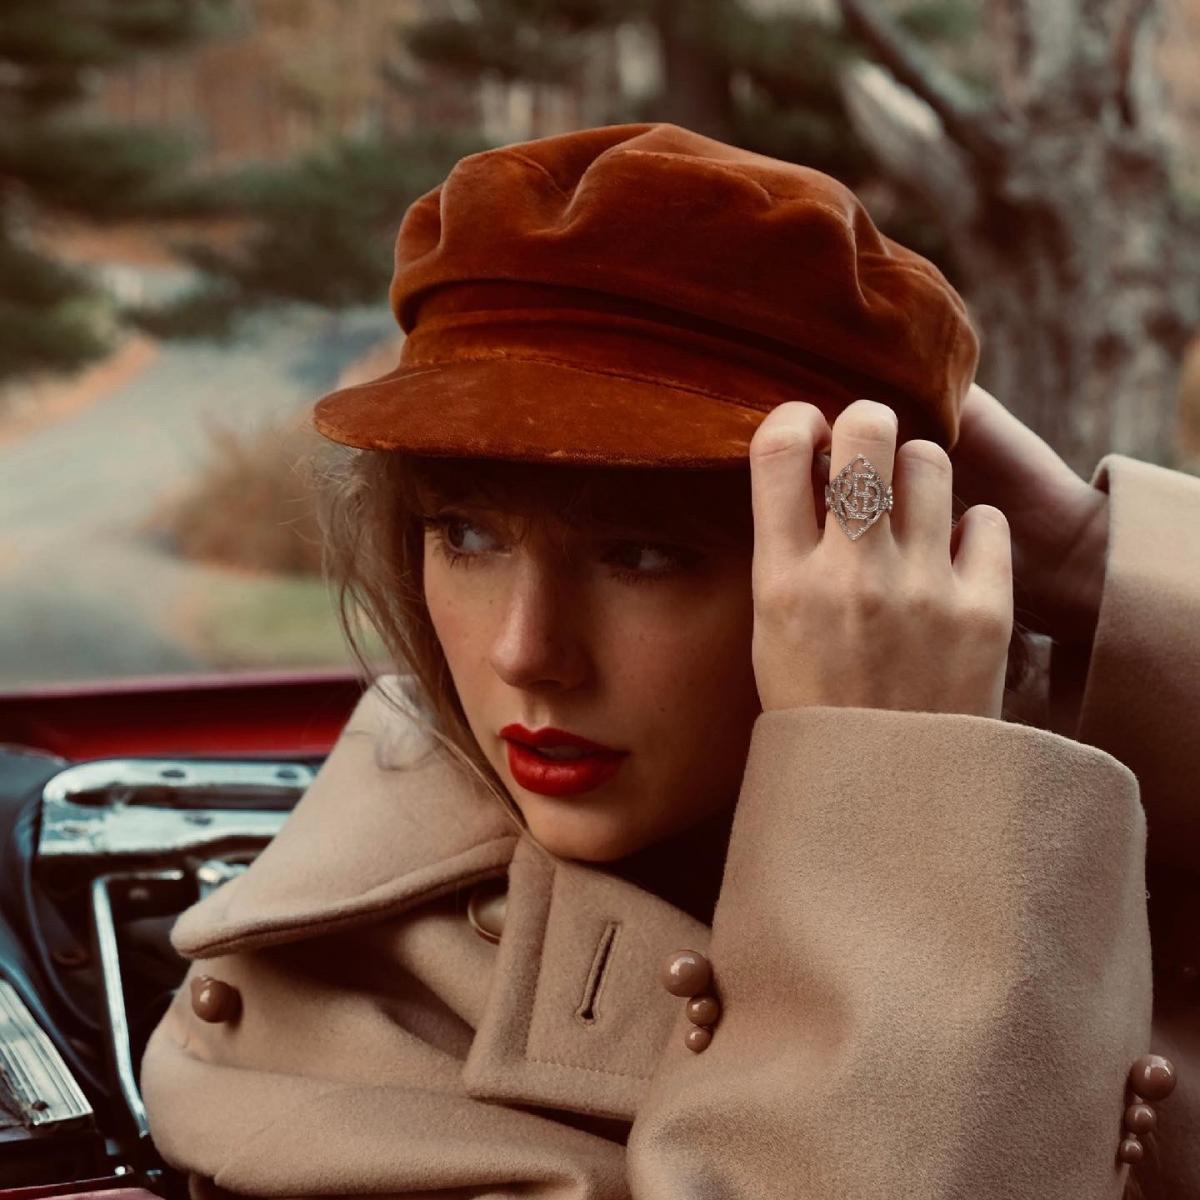 Adele, Taylor Swift, Lady Gaga ra album: Nữ giới thống trị làng nhạc cuối năm - Ảnh 2.